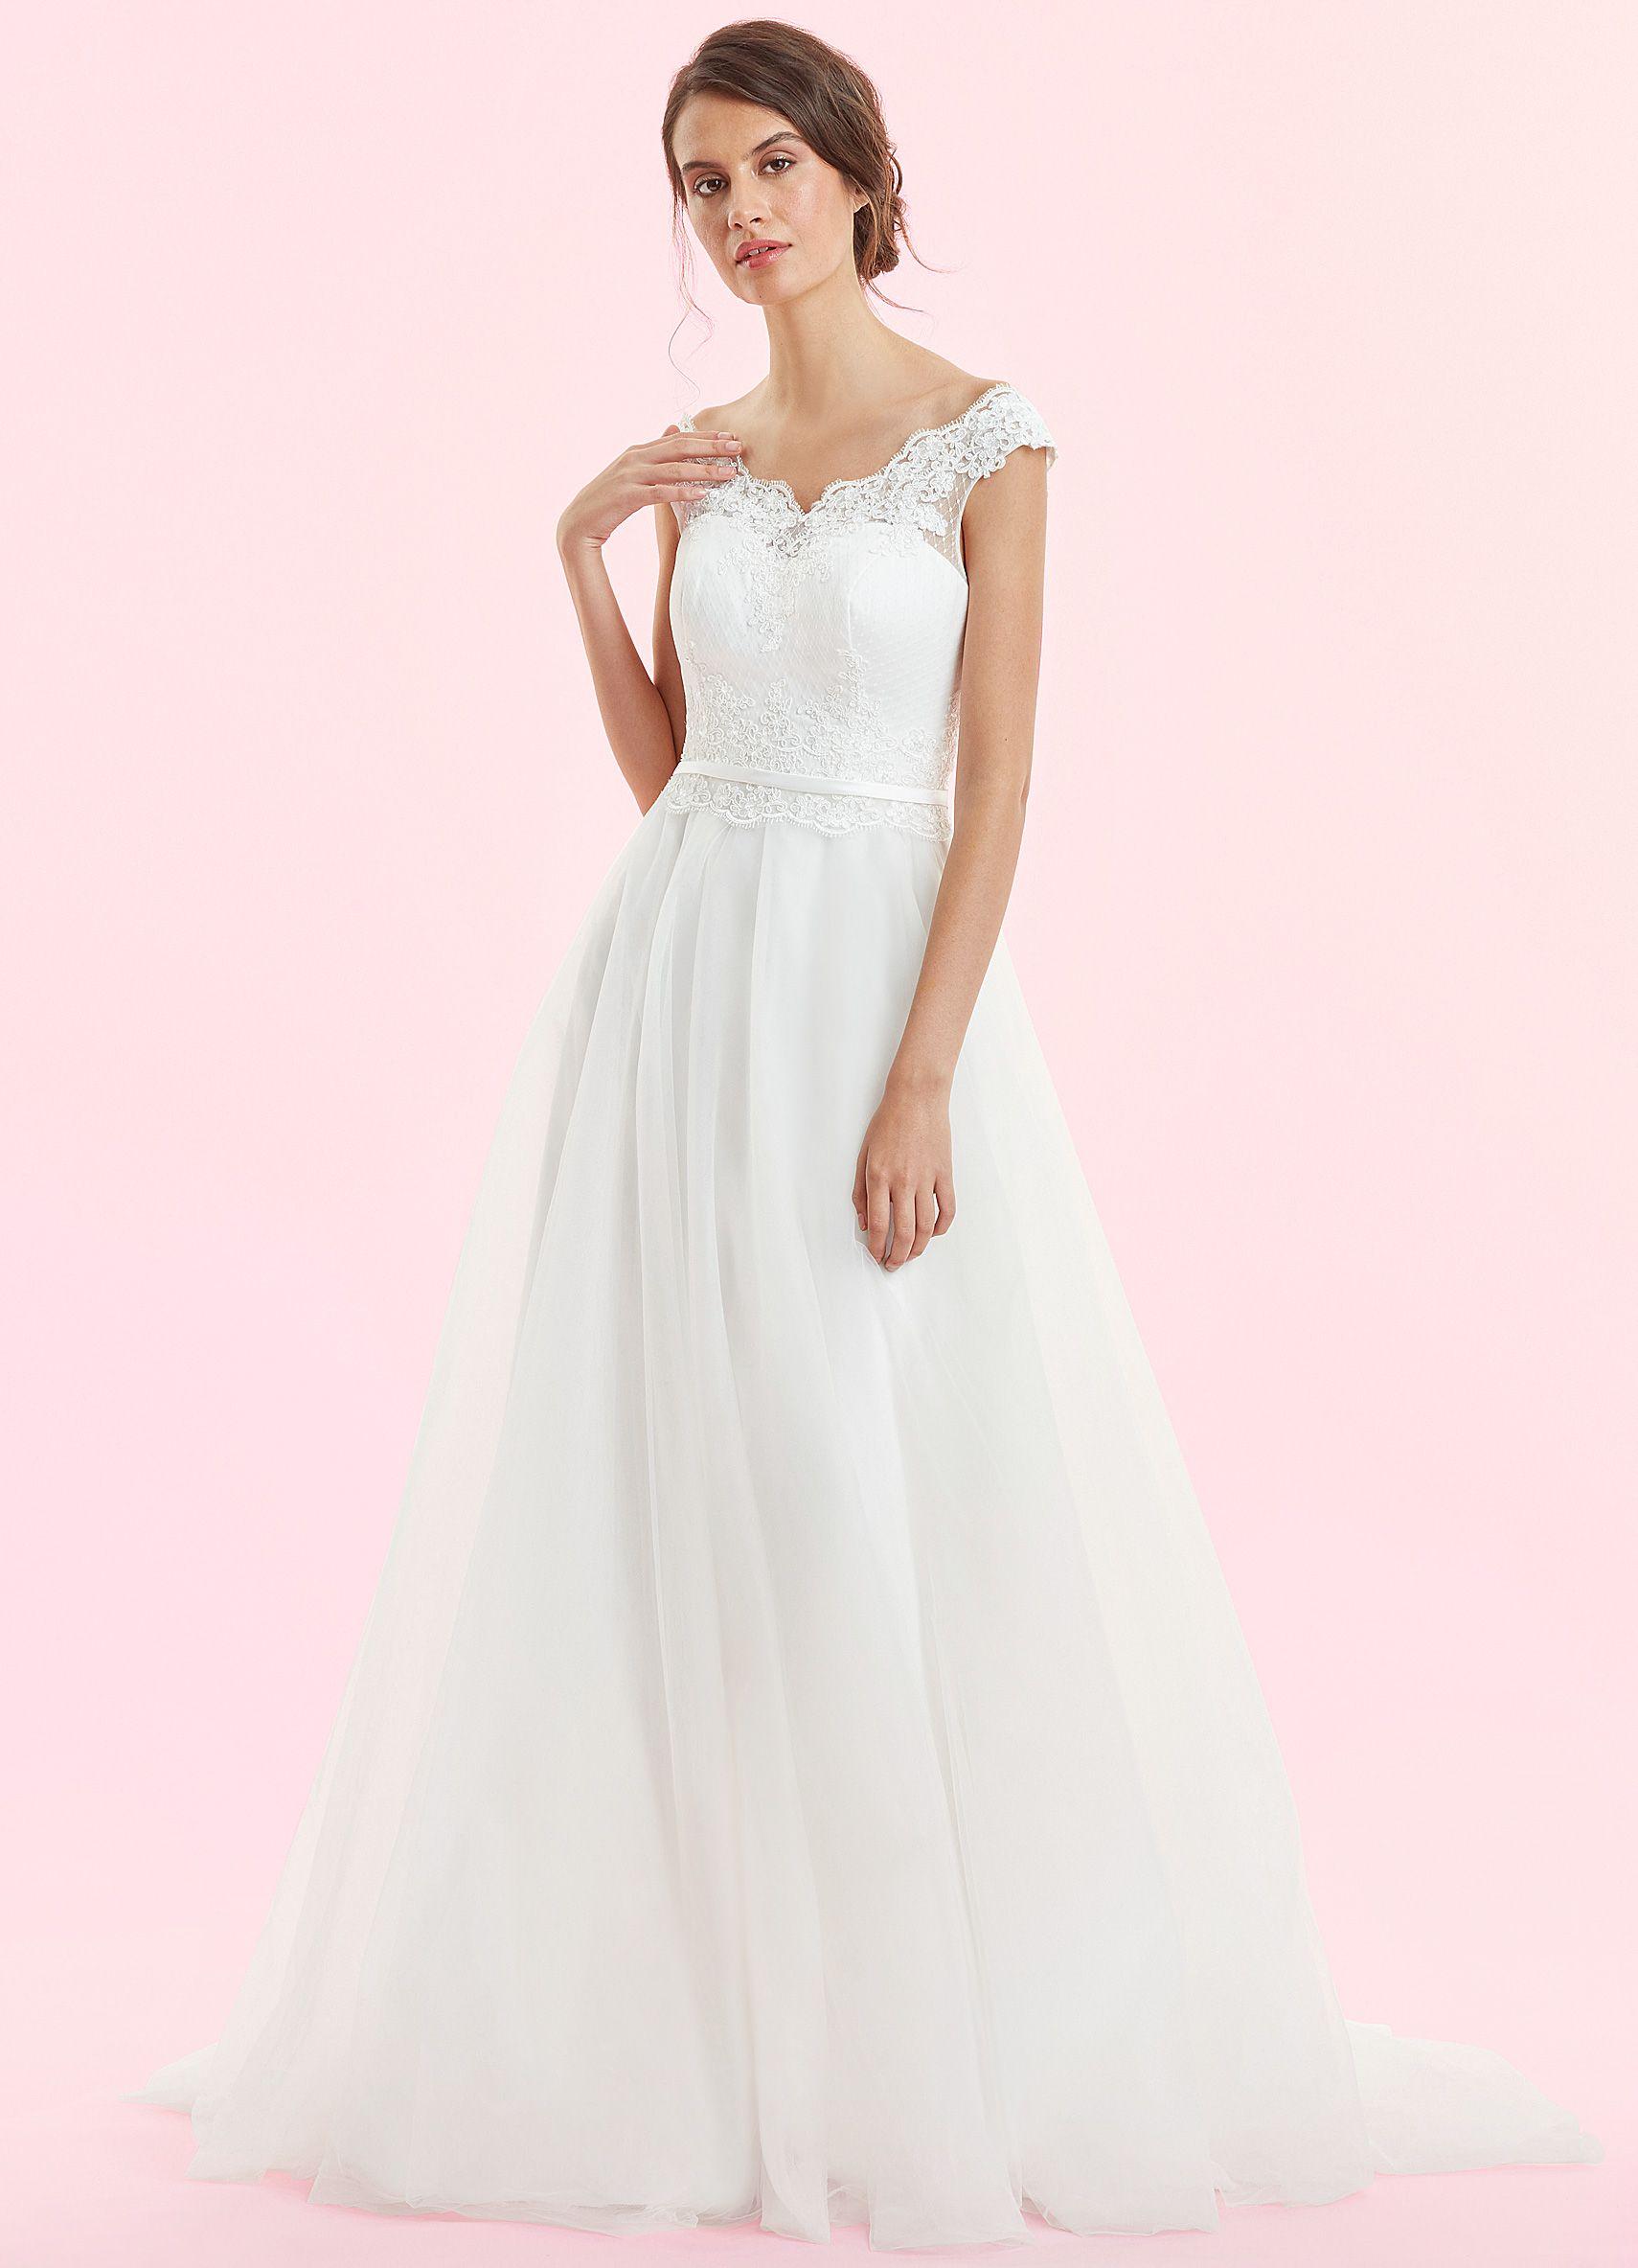 Azazie 2018 bridal collection bride wedding